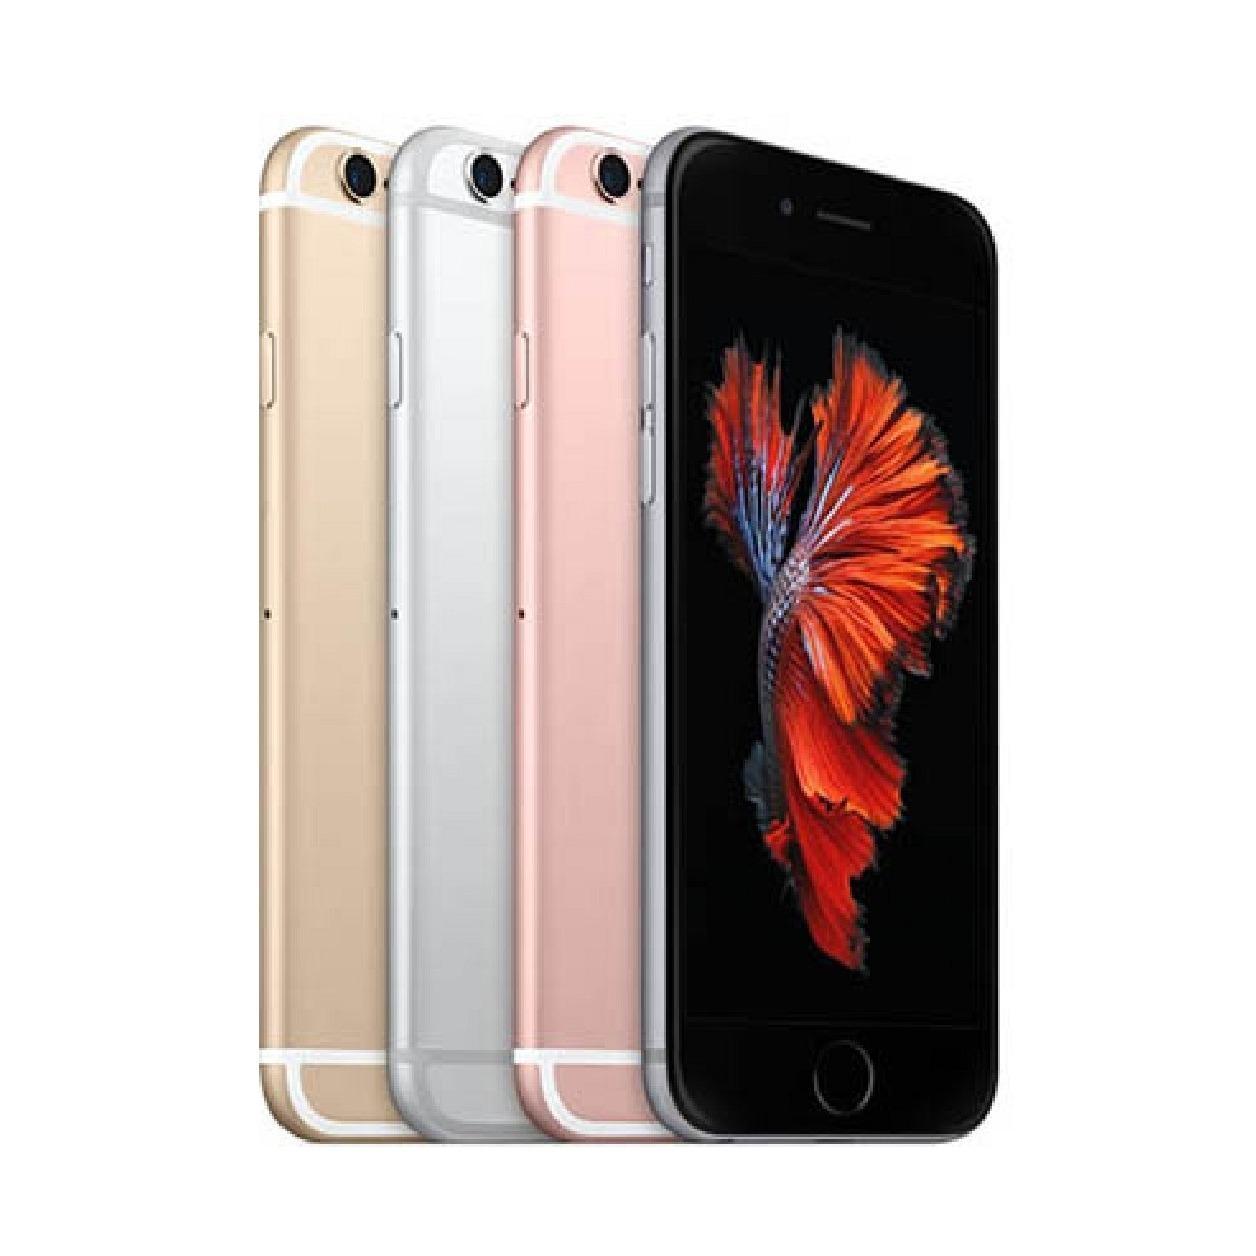 Chiết Khấu Iphone 6Splus64Gb Quốc Tế Hang Nhập Khẩu Apple Hồ Chí Minh